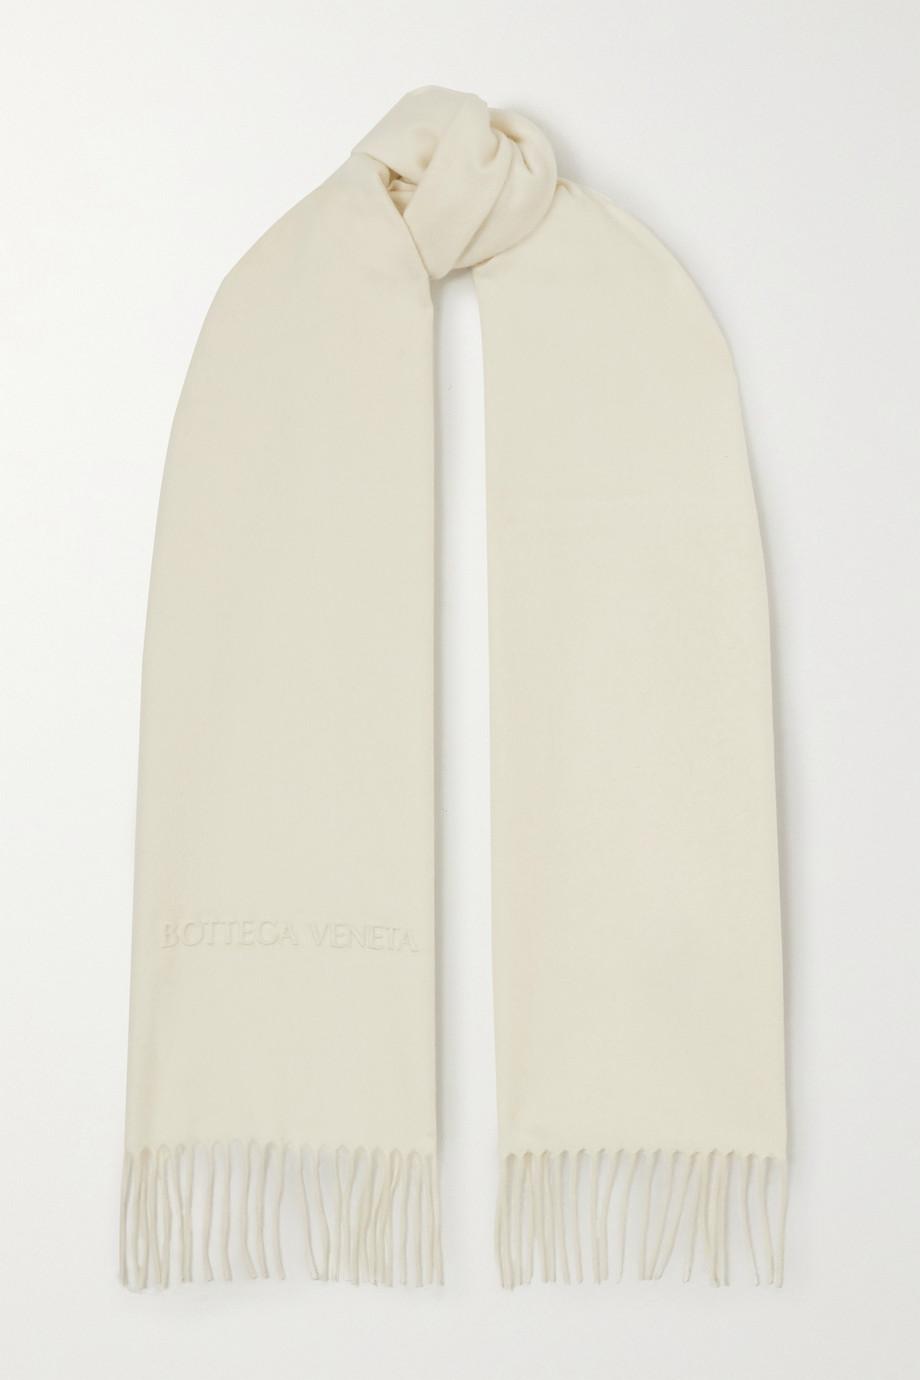 Bottega Veneta Fringed embossed cashmere scarf